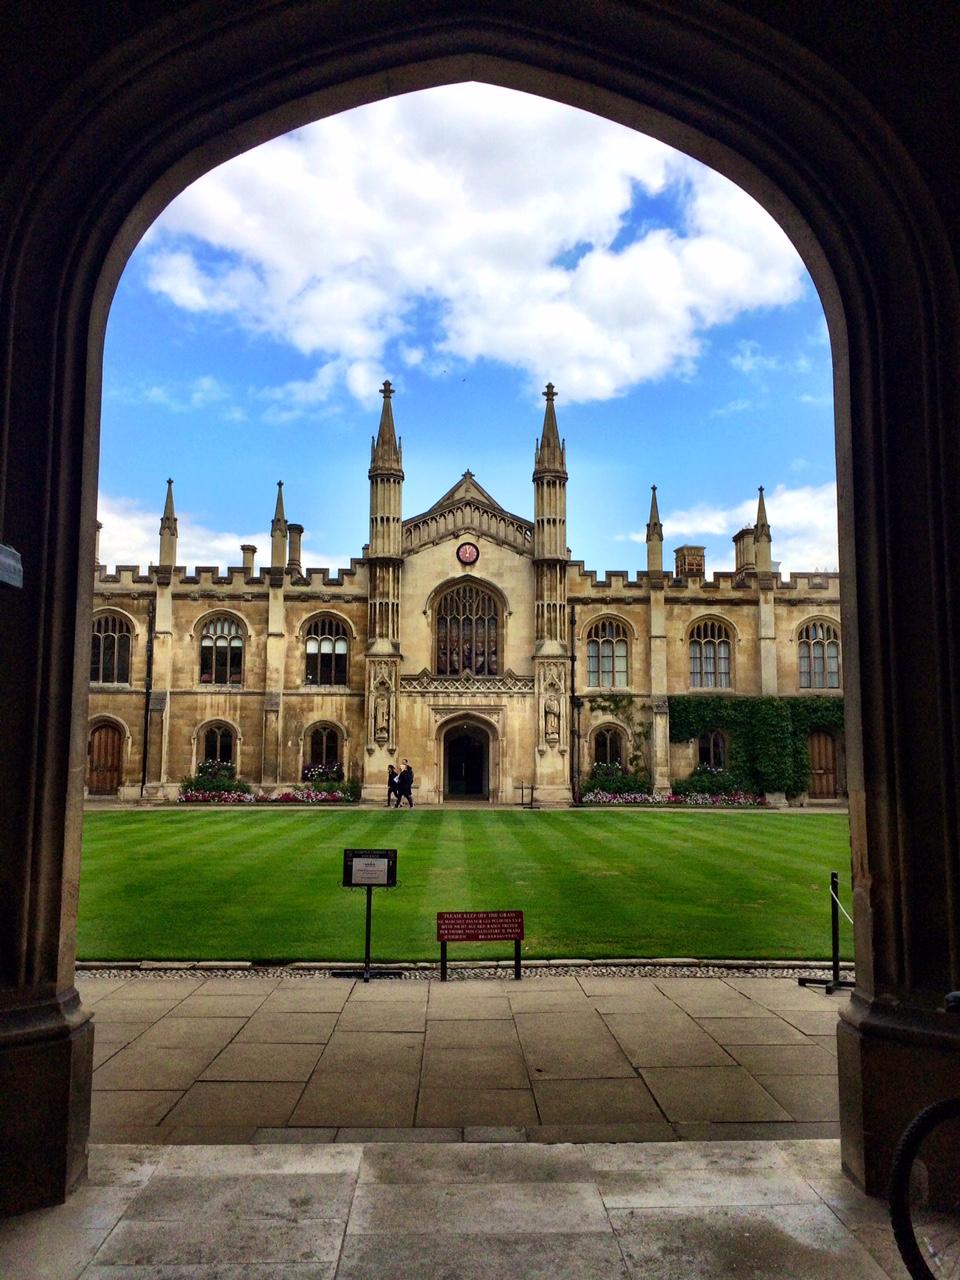 Cambridge, again